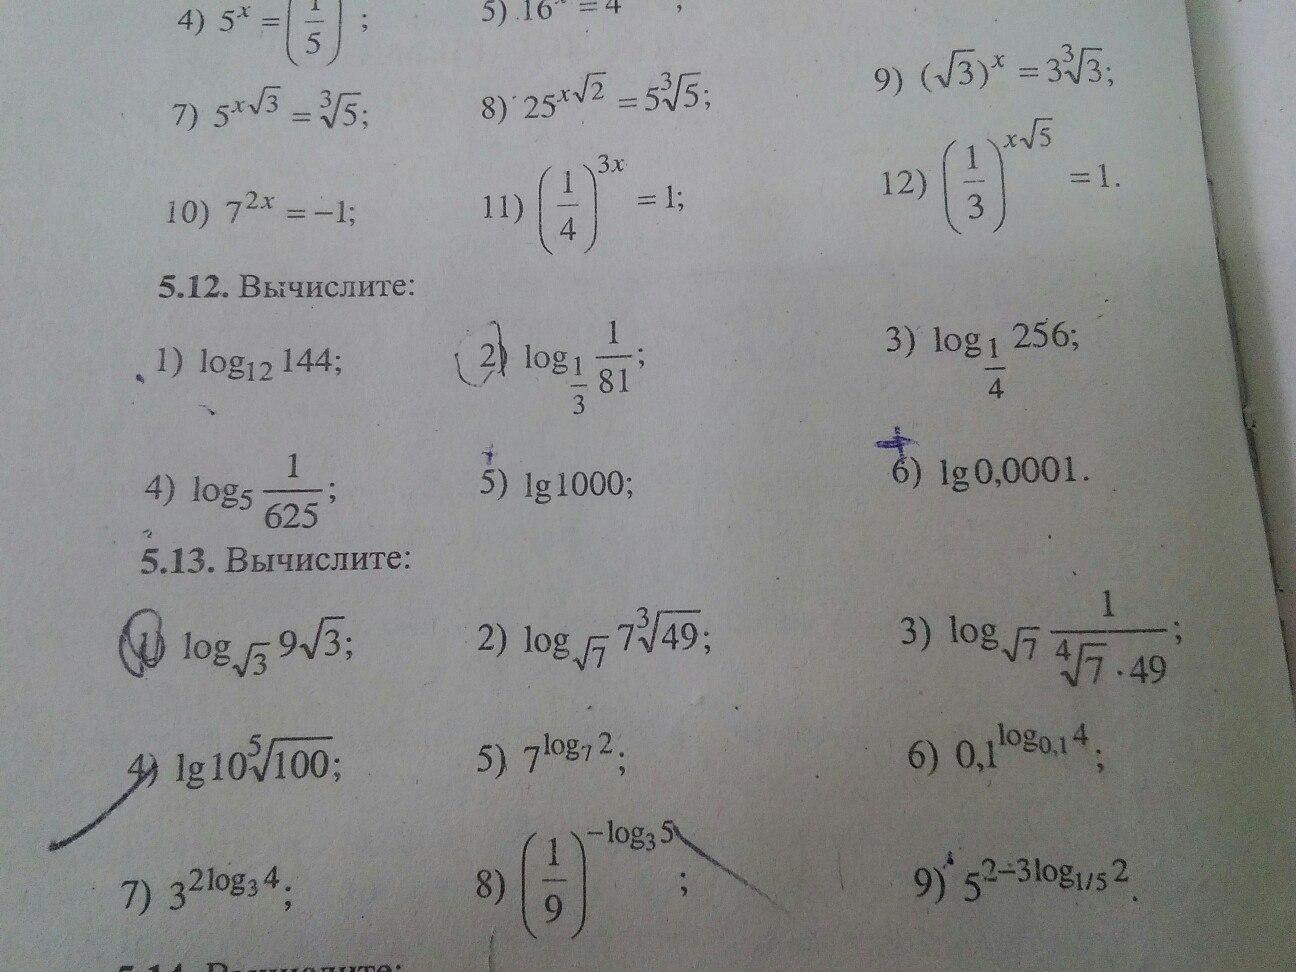 Помогите пожалуйста решить номер 5?